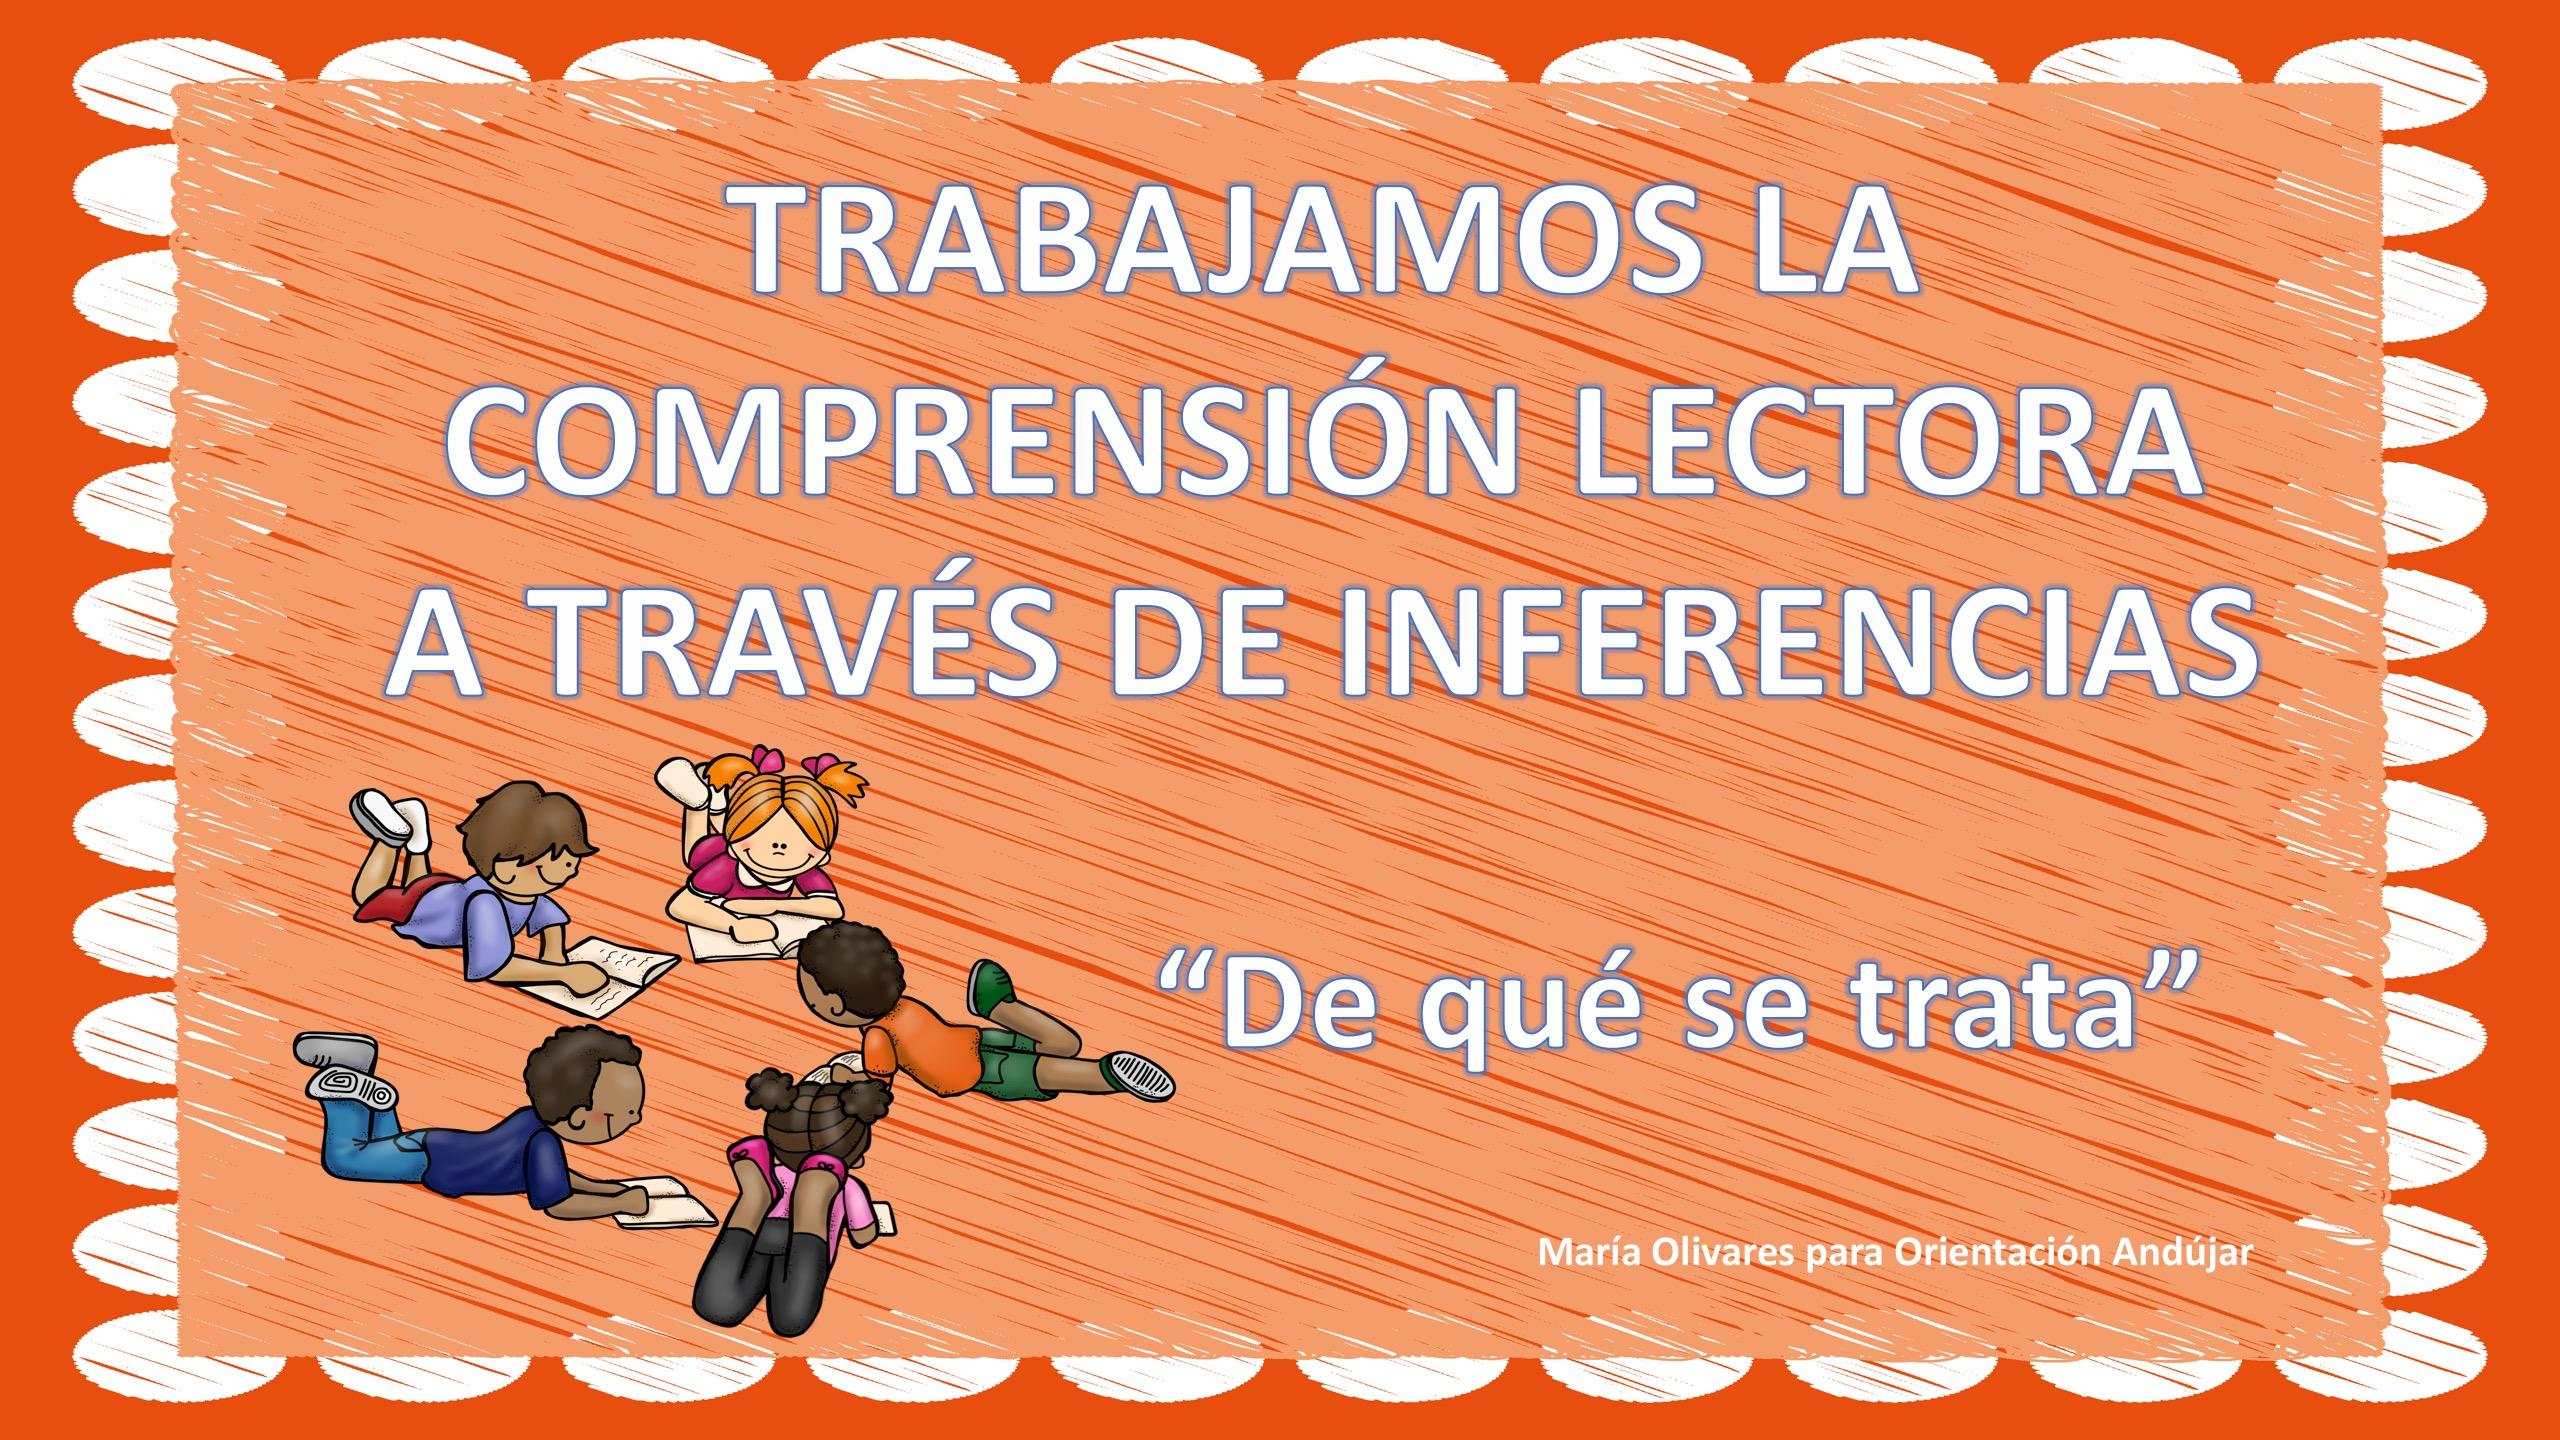 comprensión lectora Tipos de inferencias y preguntas inferenciales ...